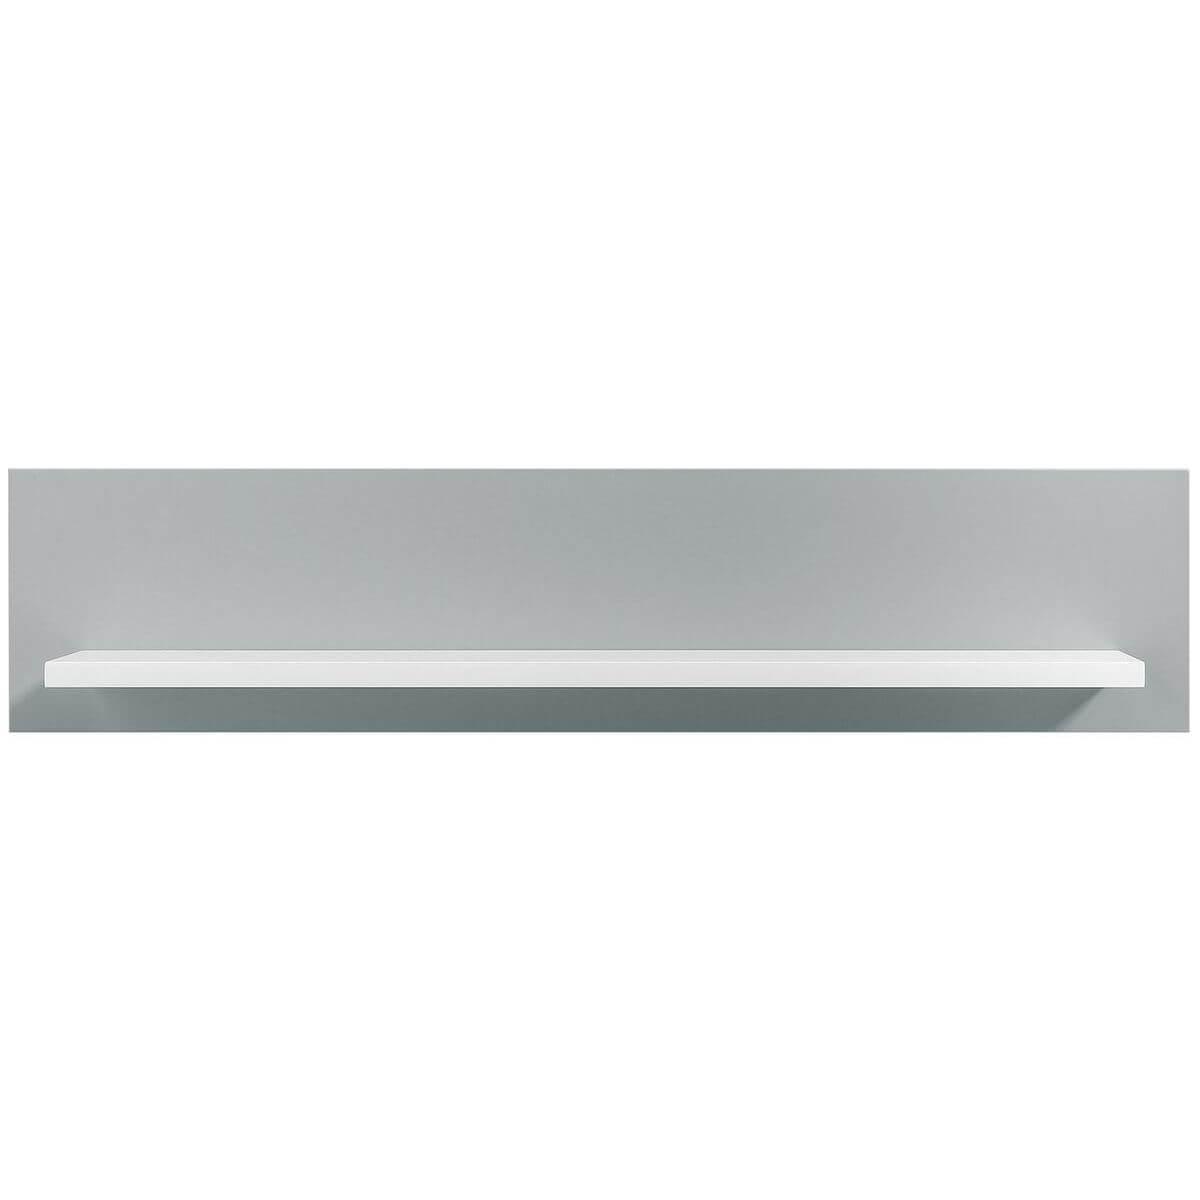 Estantería pared EMMA Bopita blanco-gris